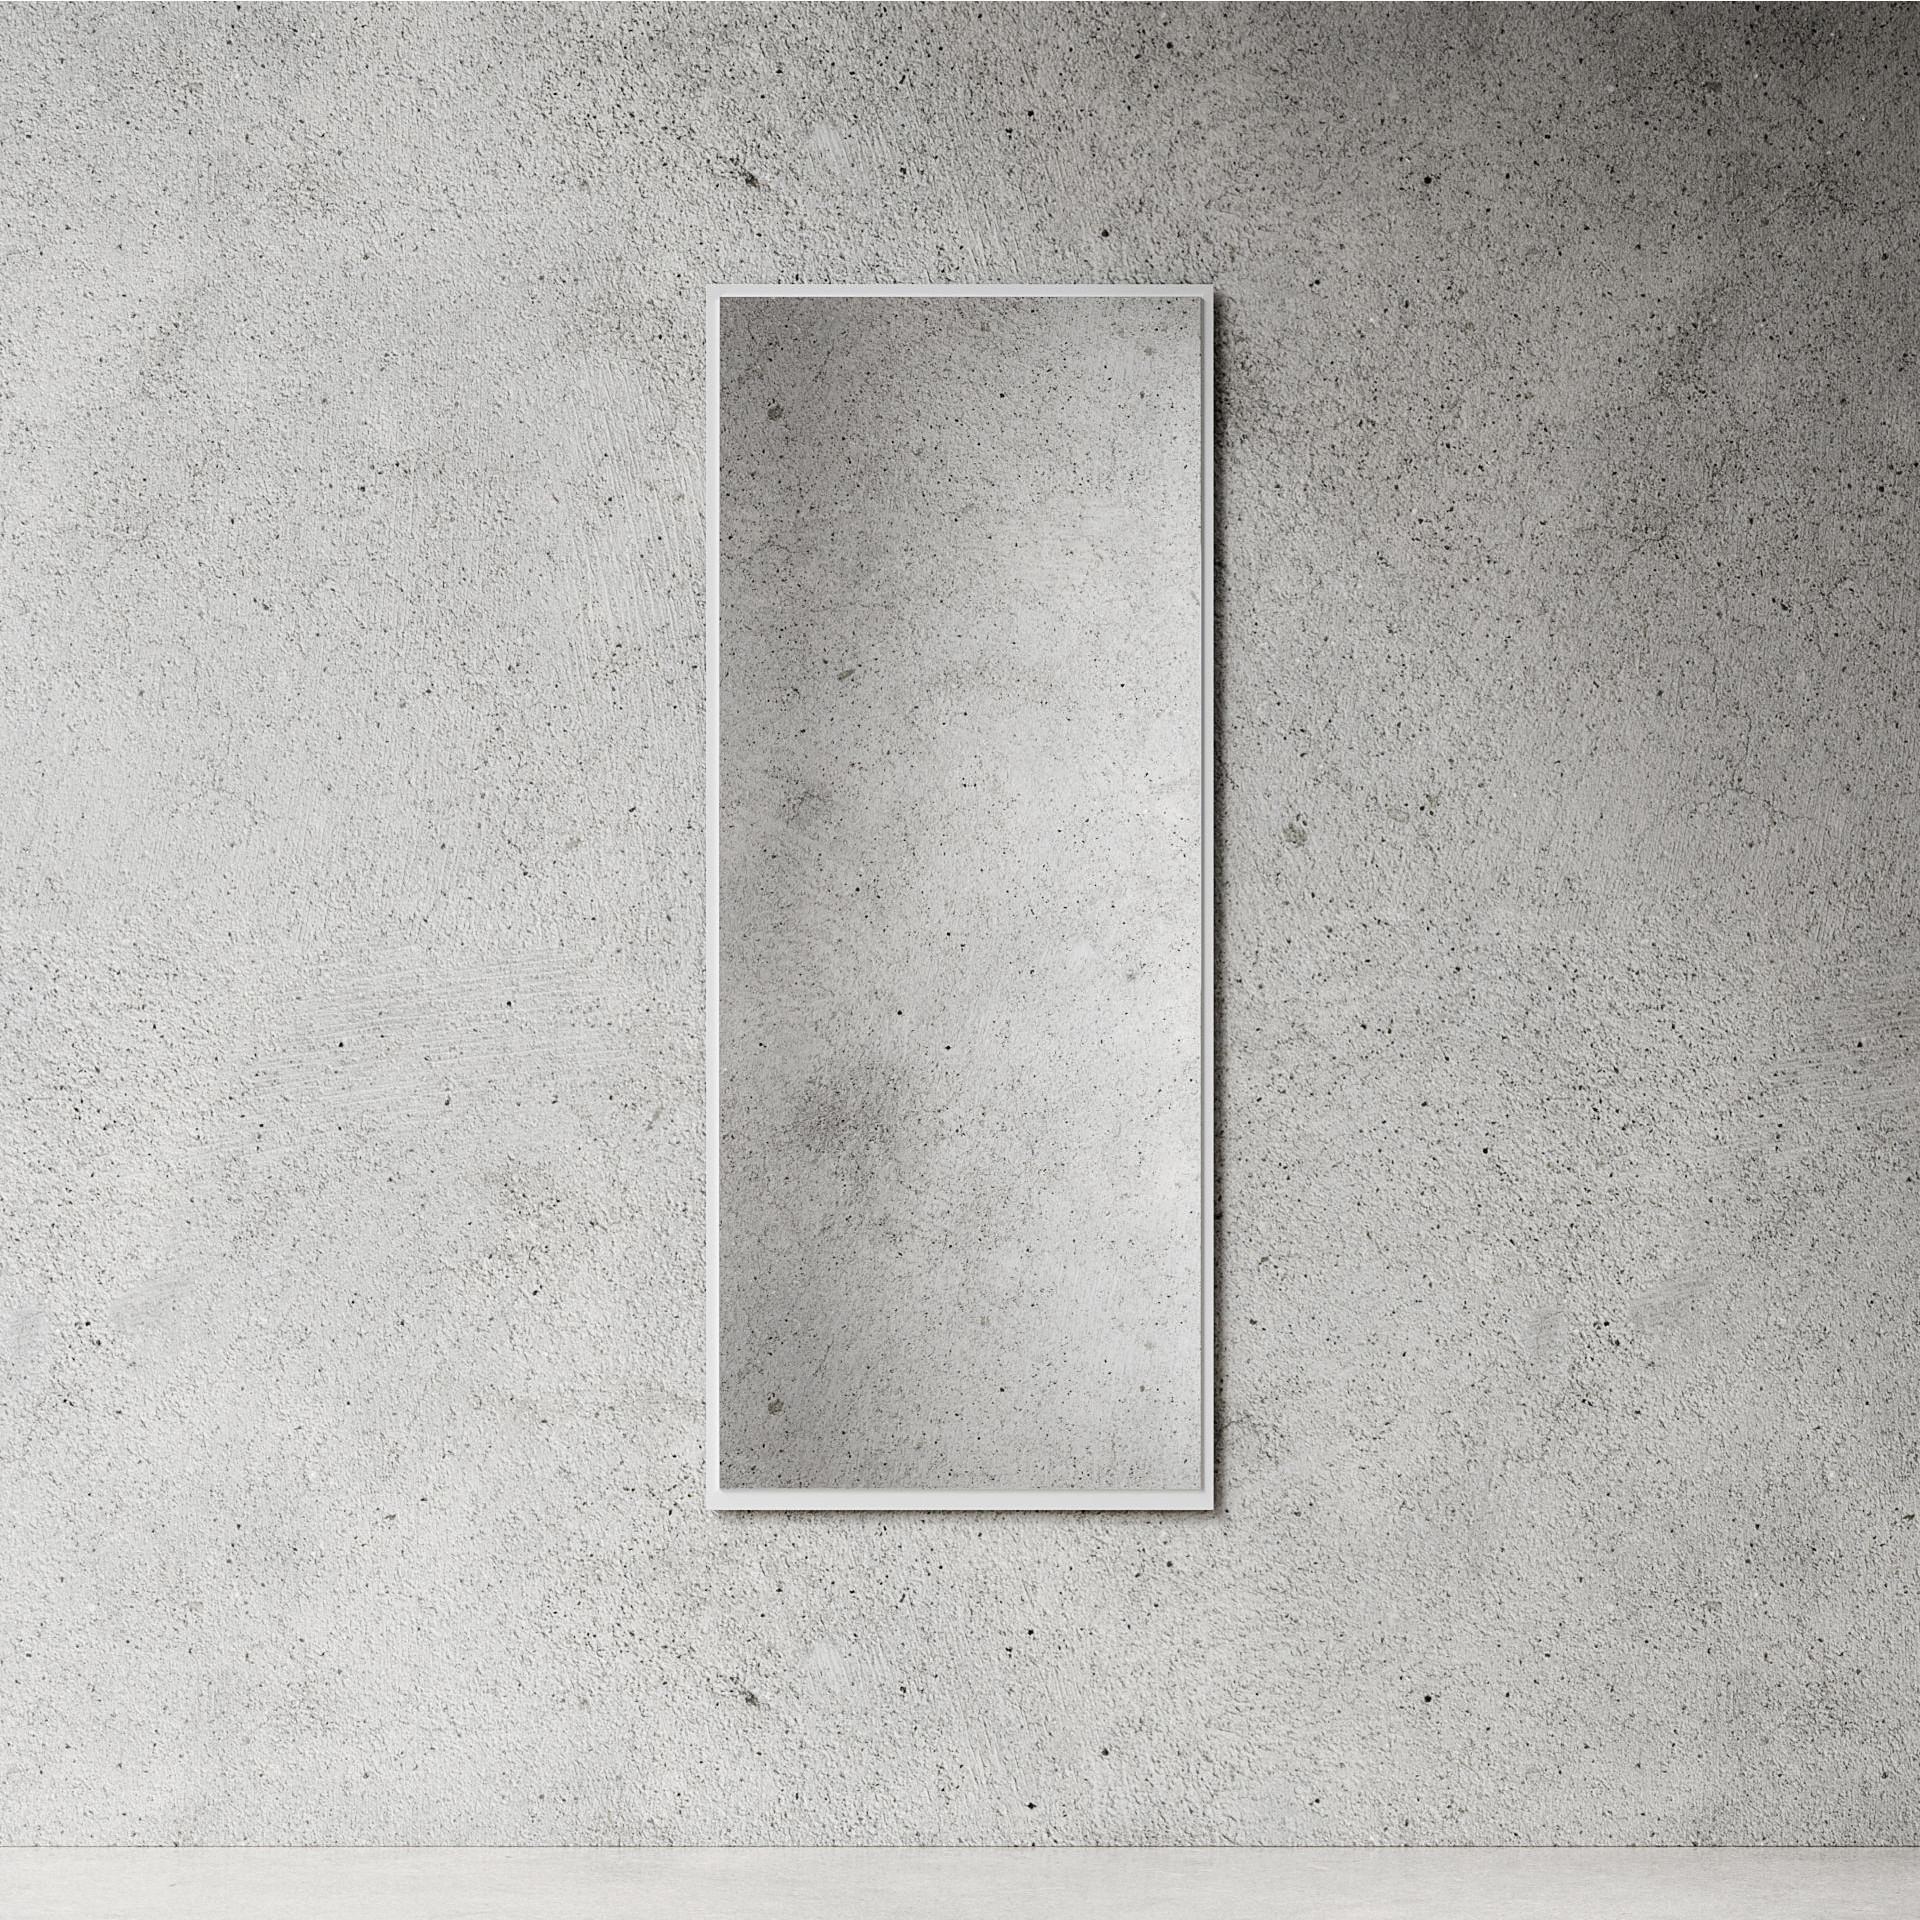 Spiegel Groß 145 x 60 cm | Weiß